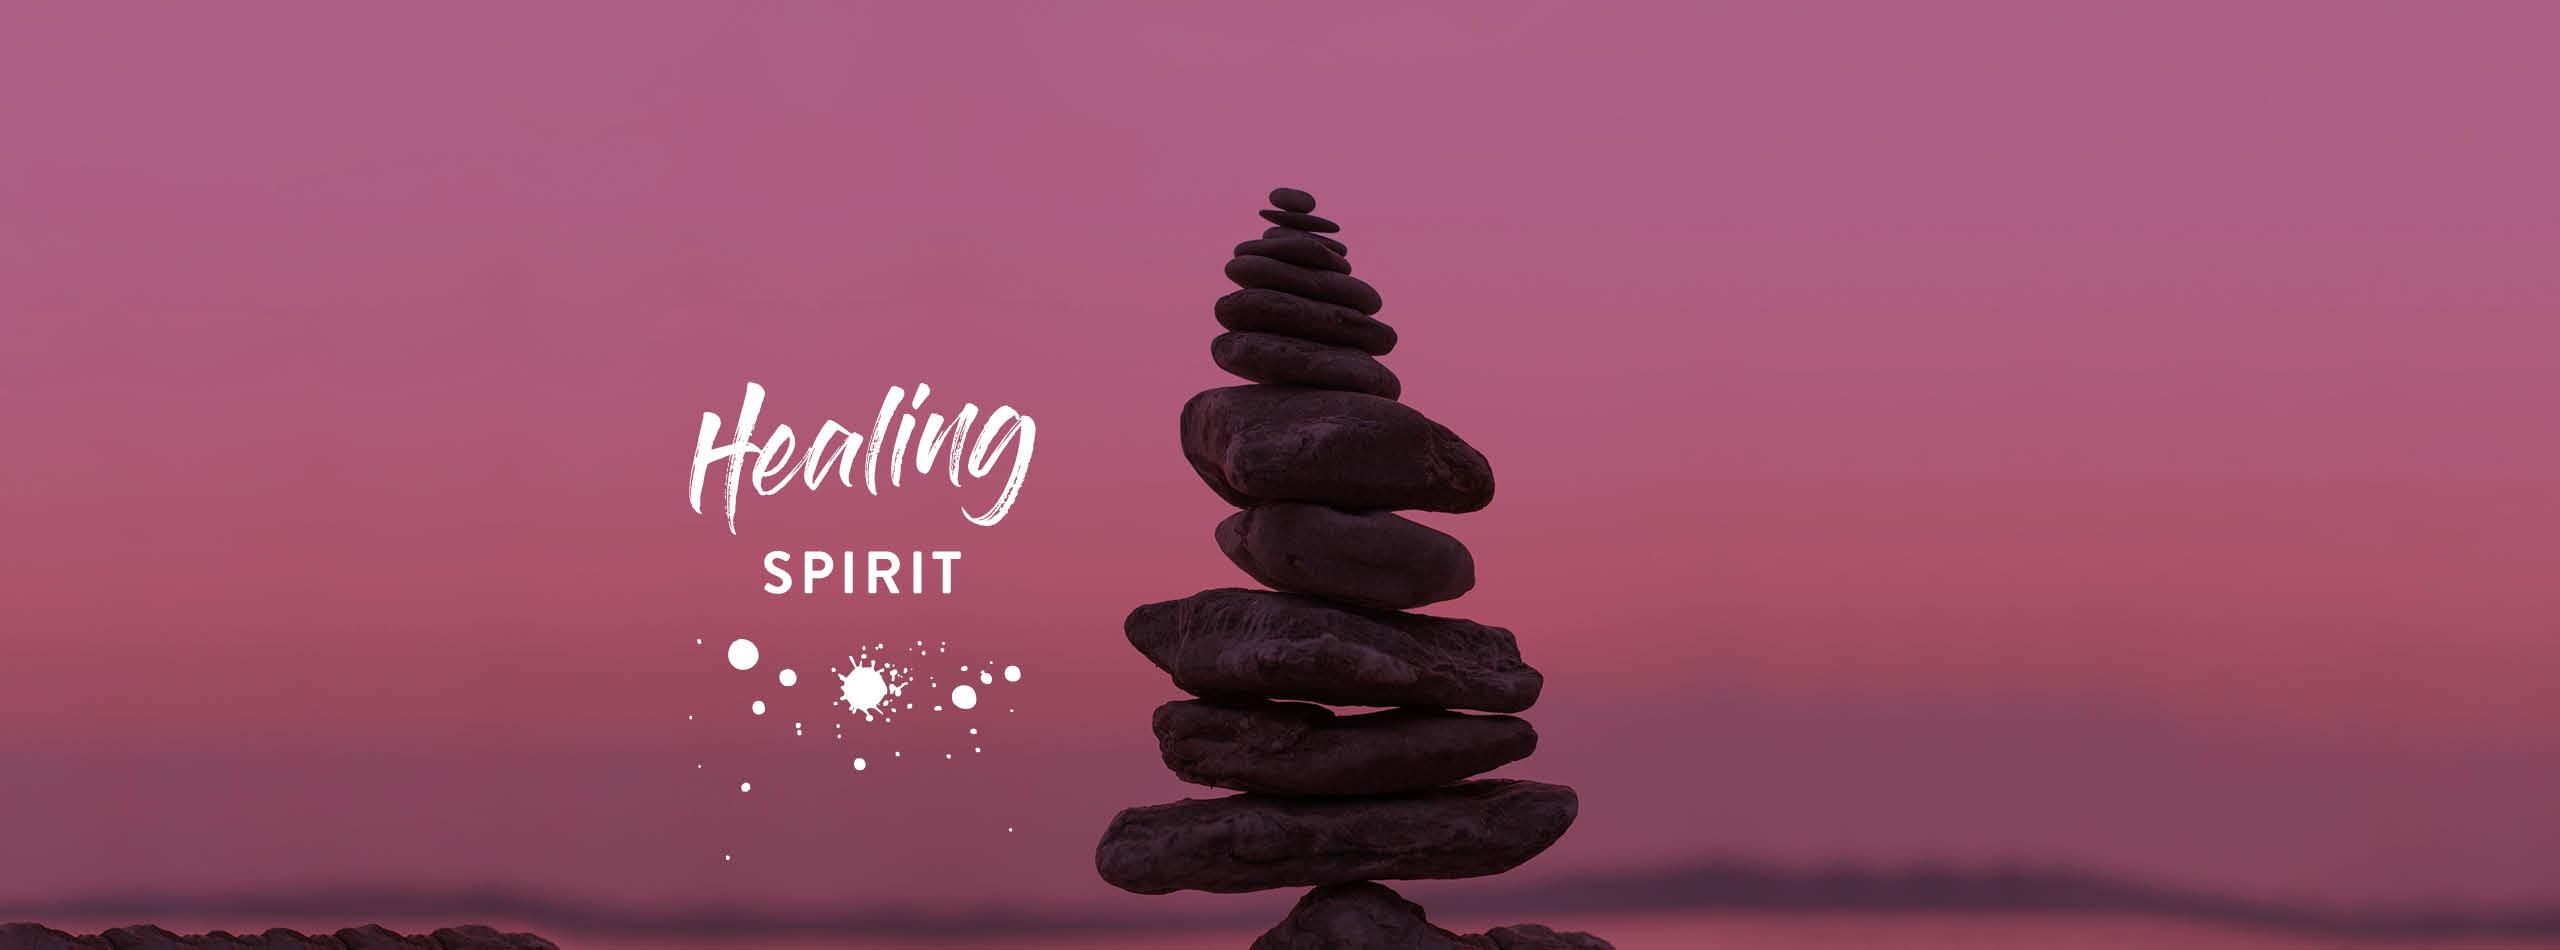 Mentaltraining - Healing Spirit im Ayurveda Resort Mandira